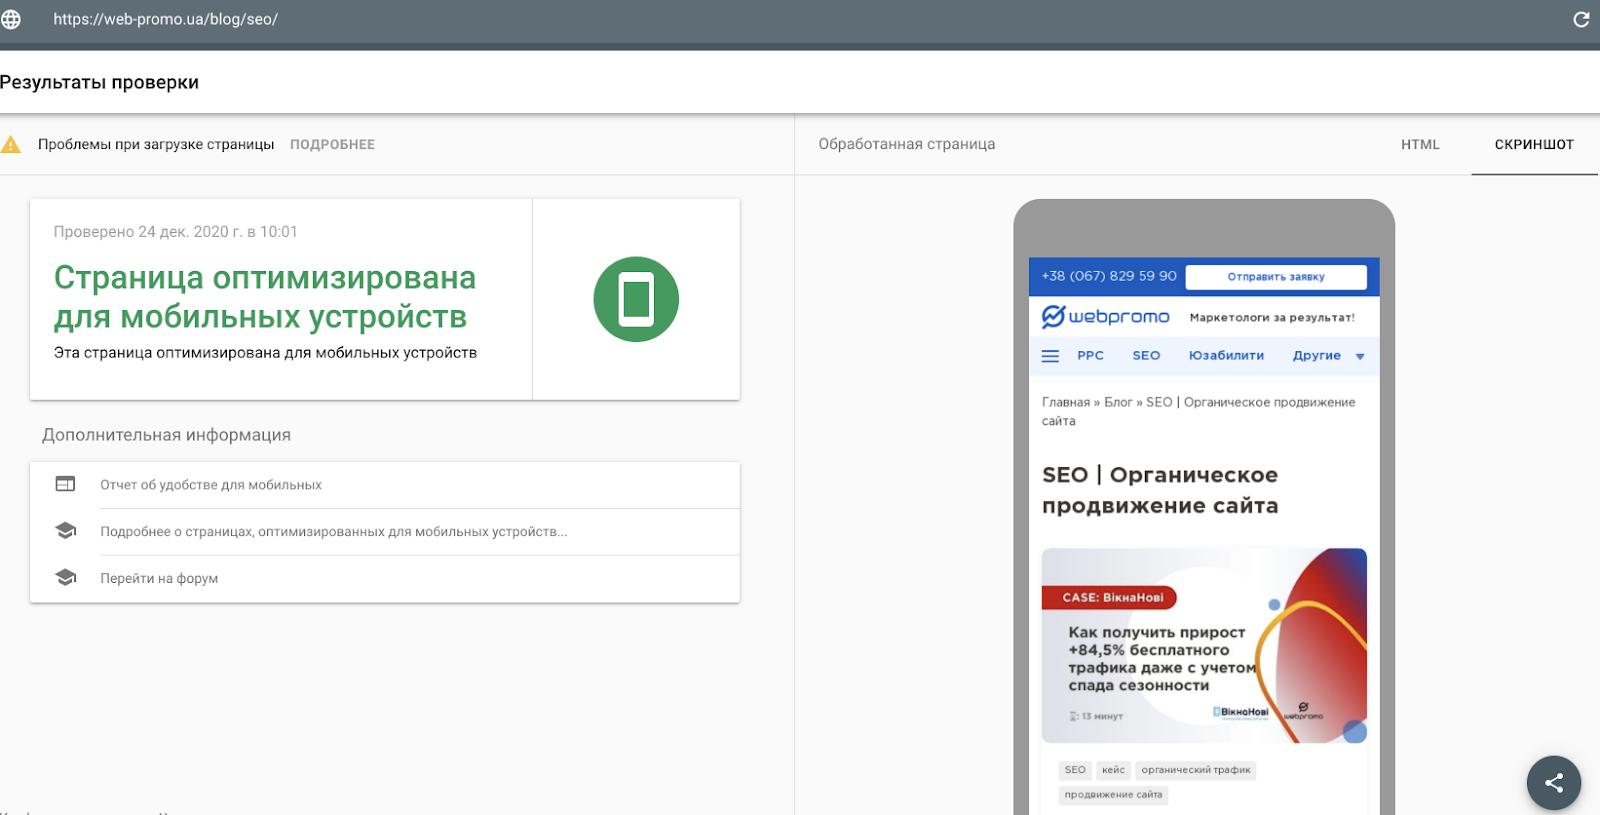 Букмарклет для проверки оптимизации мобильной версии страницы